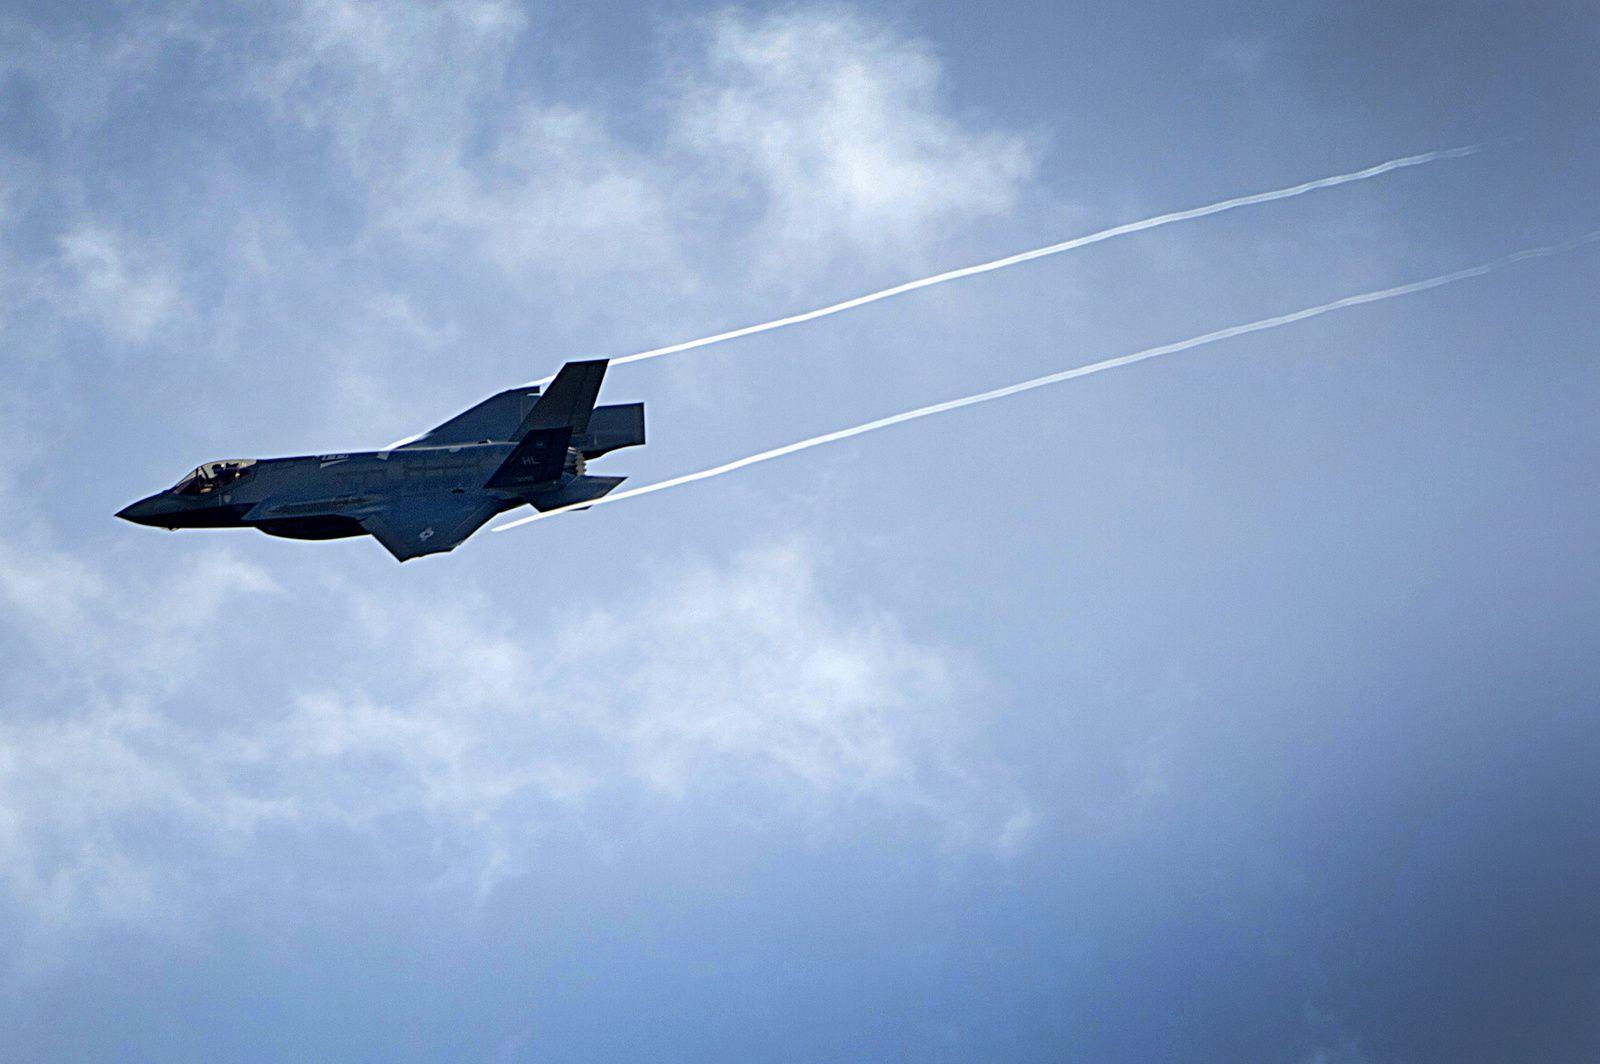 © USAF - Les F-35A viennent de rejoindre Lakenheath et réalisent un passage au-dessus des installations militaires avant l'atterrissage.